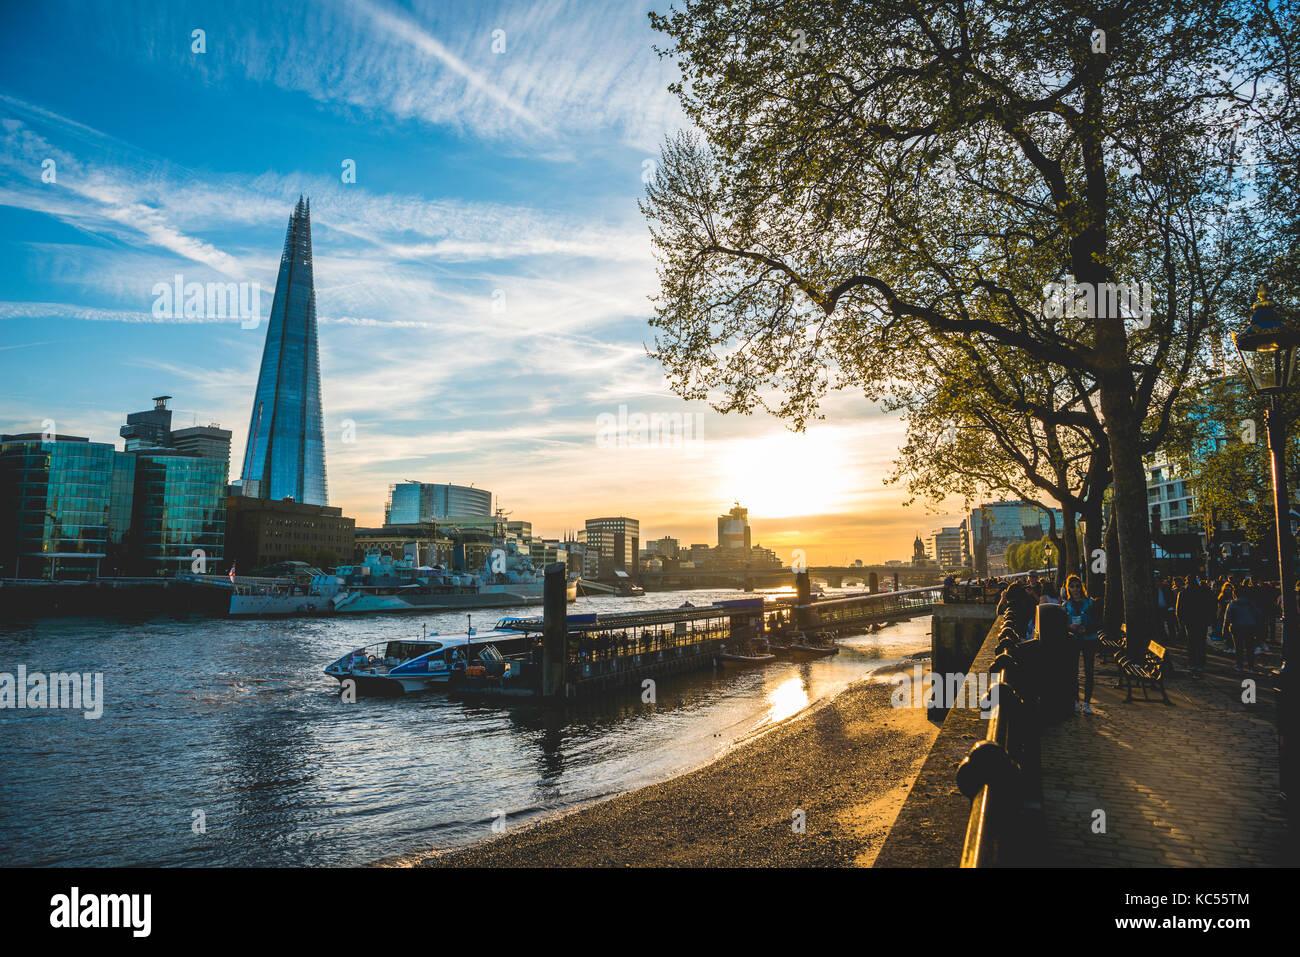 Riverside promenade sul Tamigi, torre pier, skyline, Shard, al tramonto, Southwark, Londra, Inghilterra, Regno Unito Immagini Stock